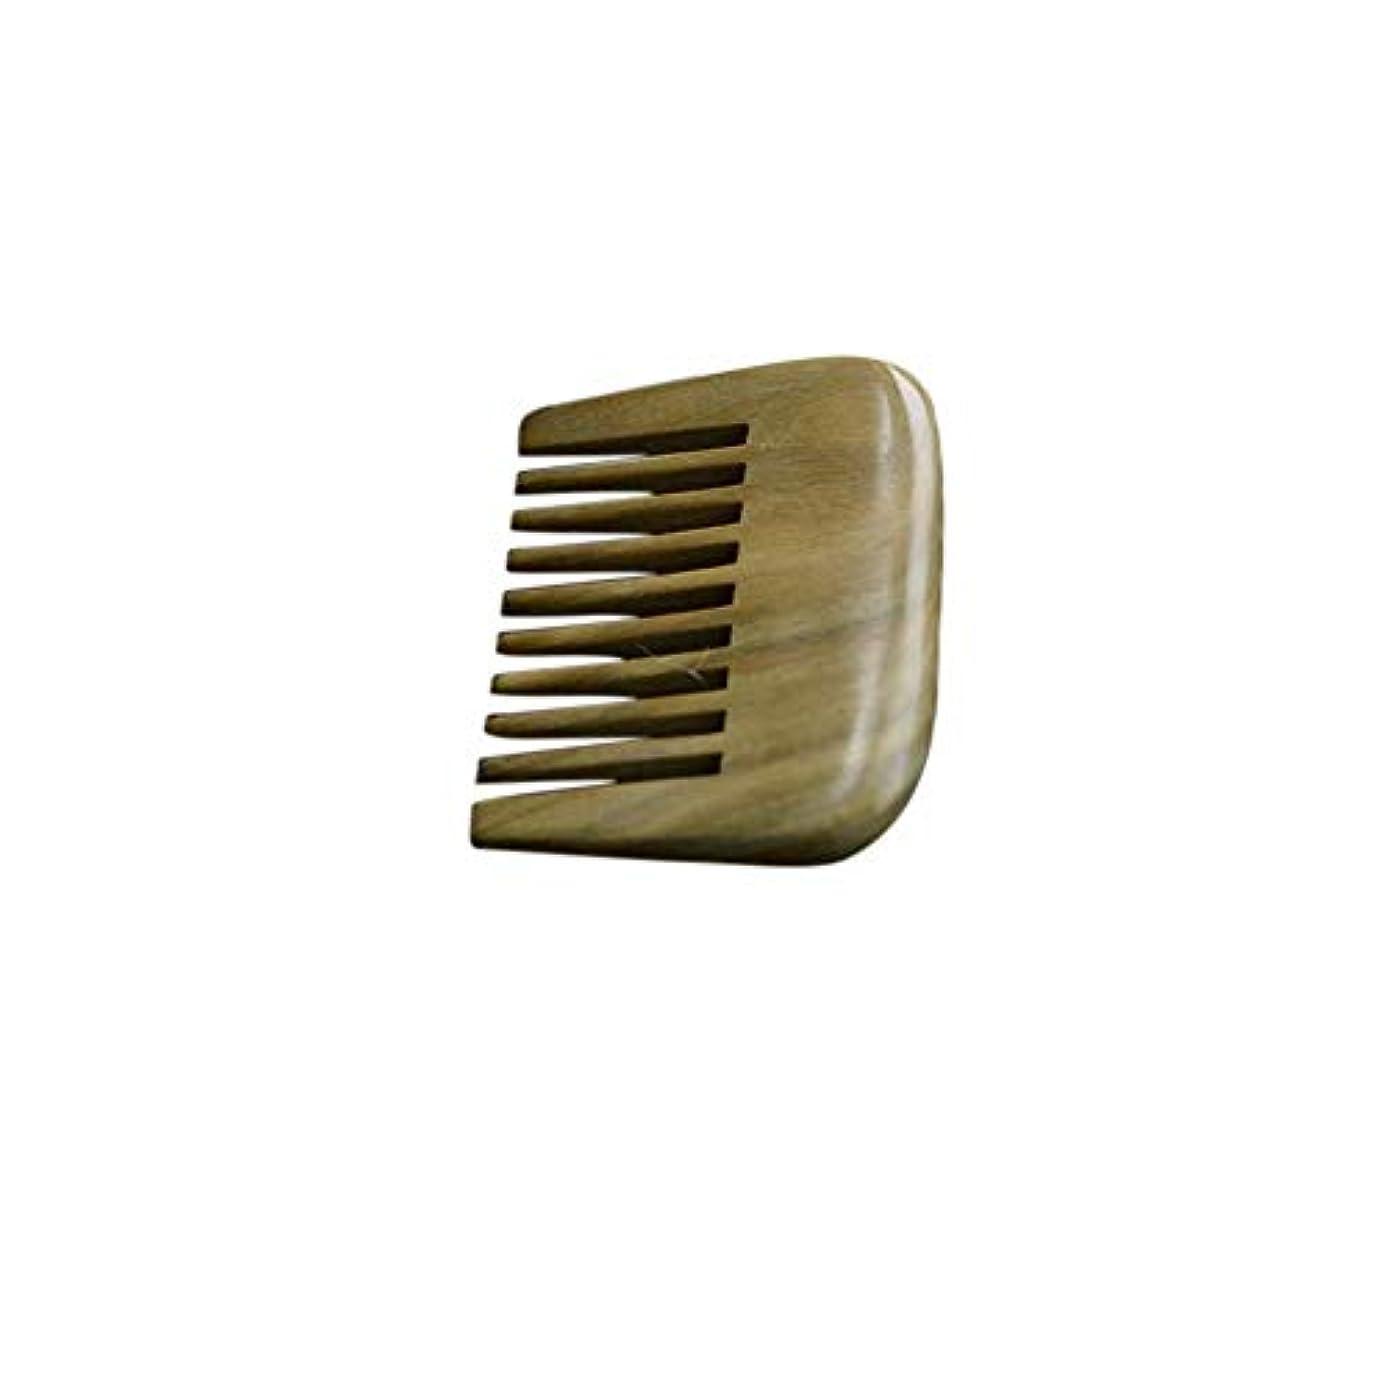 意識的よろしく平等WASAIO グリーンサンダルウッドワイド歯ナチュラルくし、カーリーストレートヘアブラシブラシ手作りの木製抗静的木製くしヘアブラシ